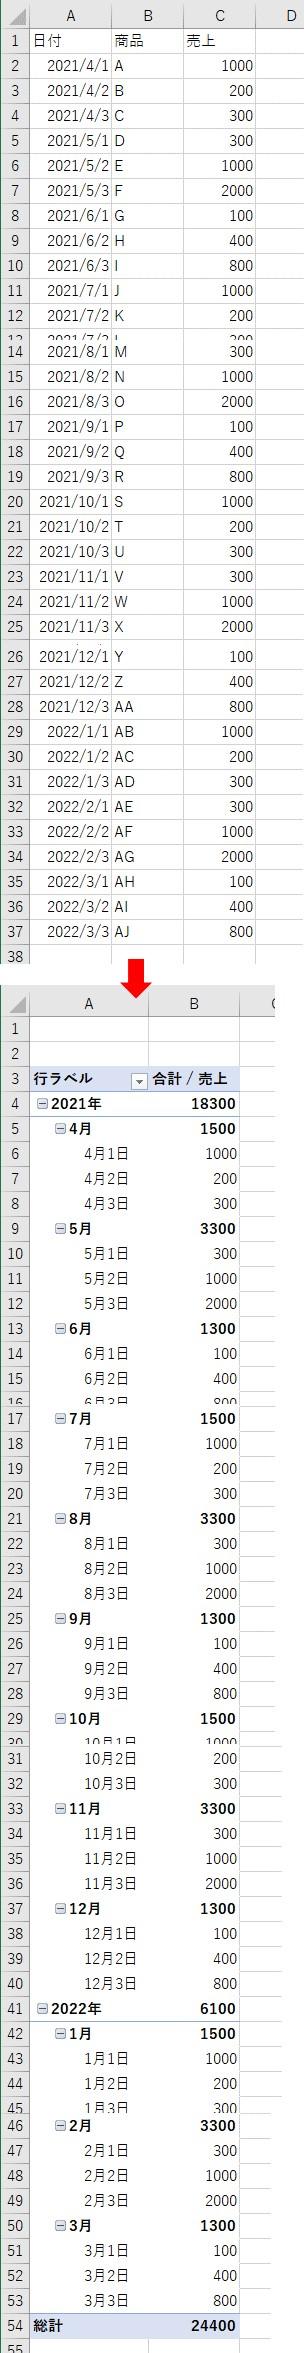 日付ごとの元データからピボットテーブルを作成する